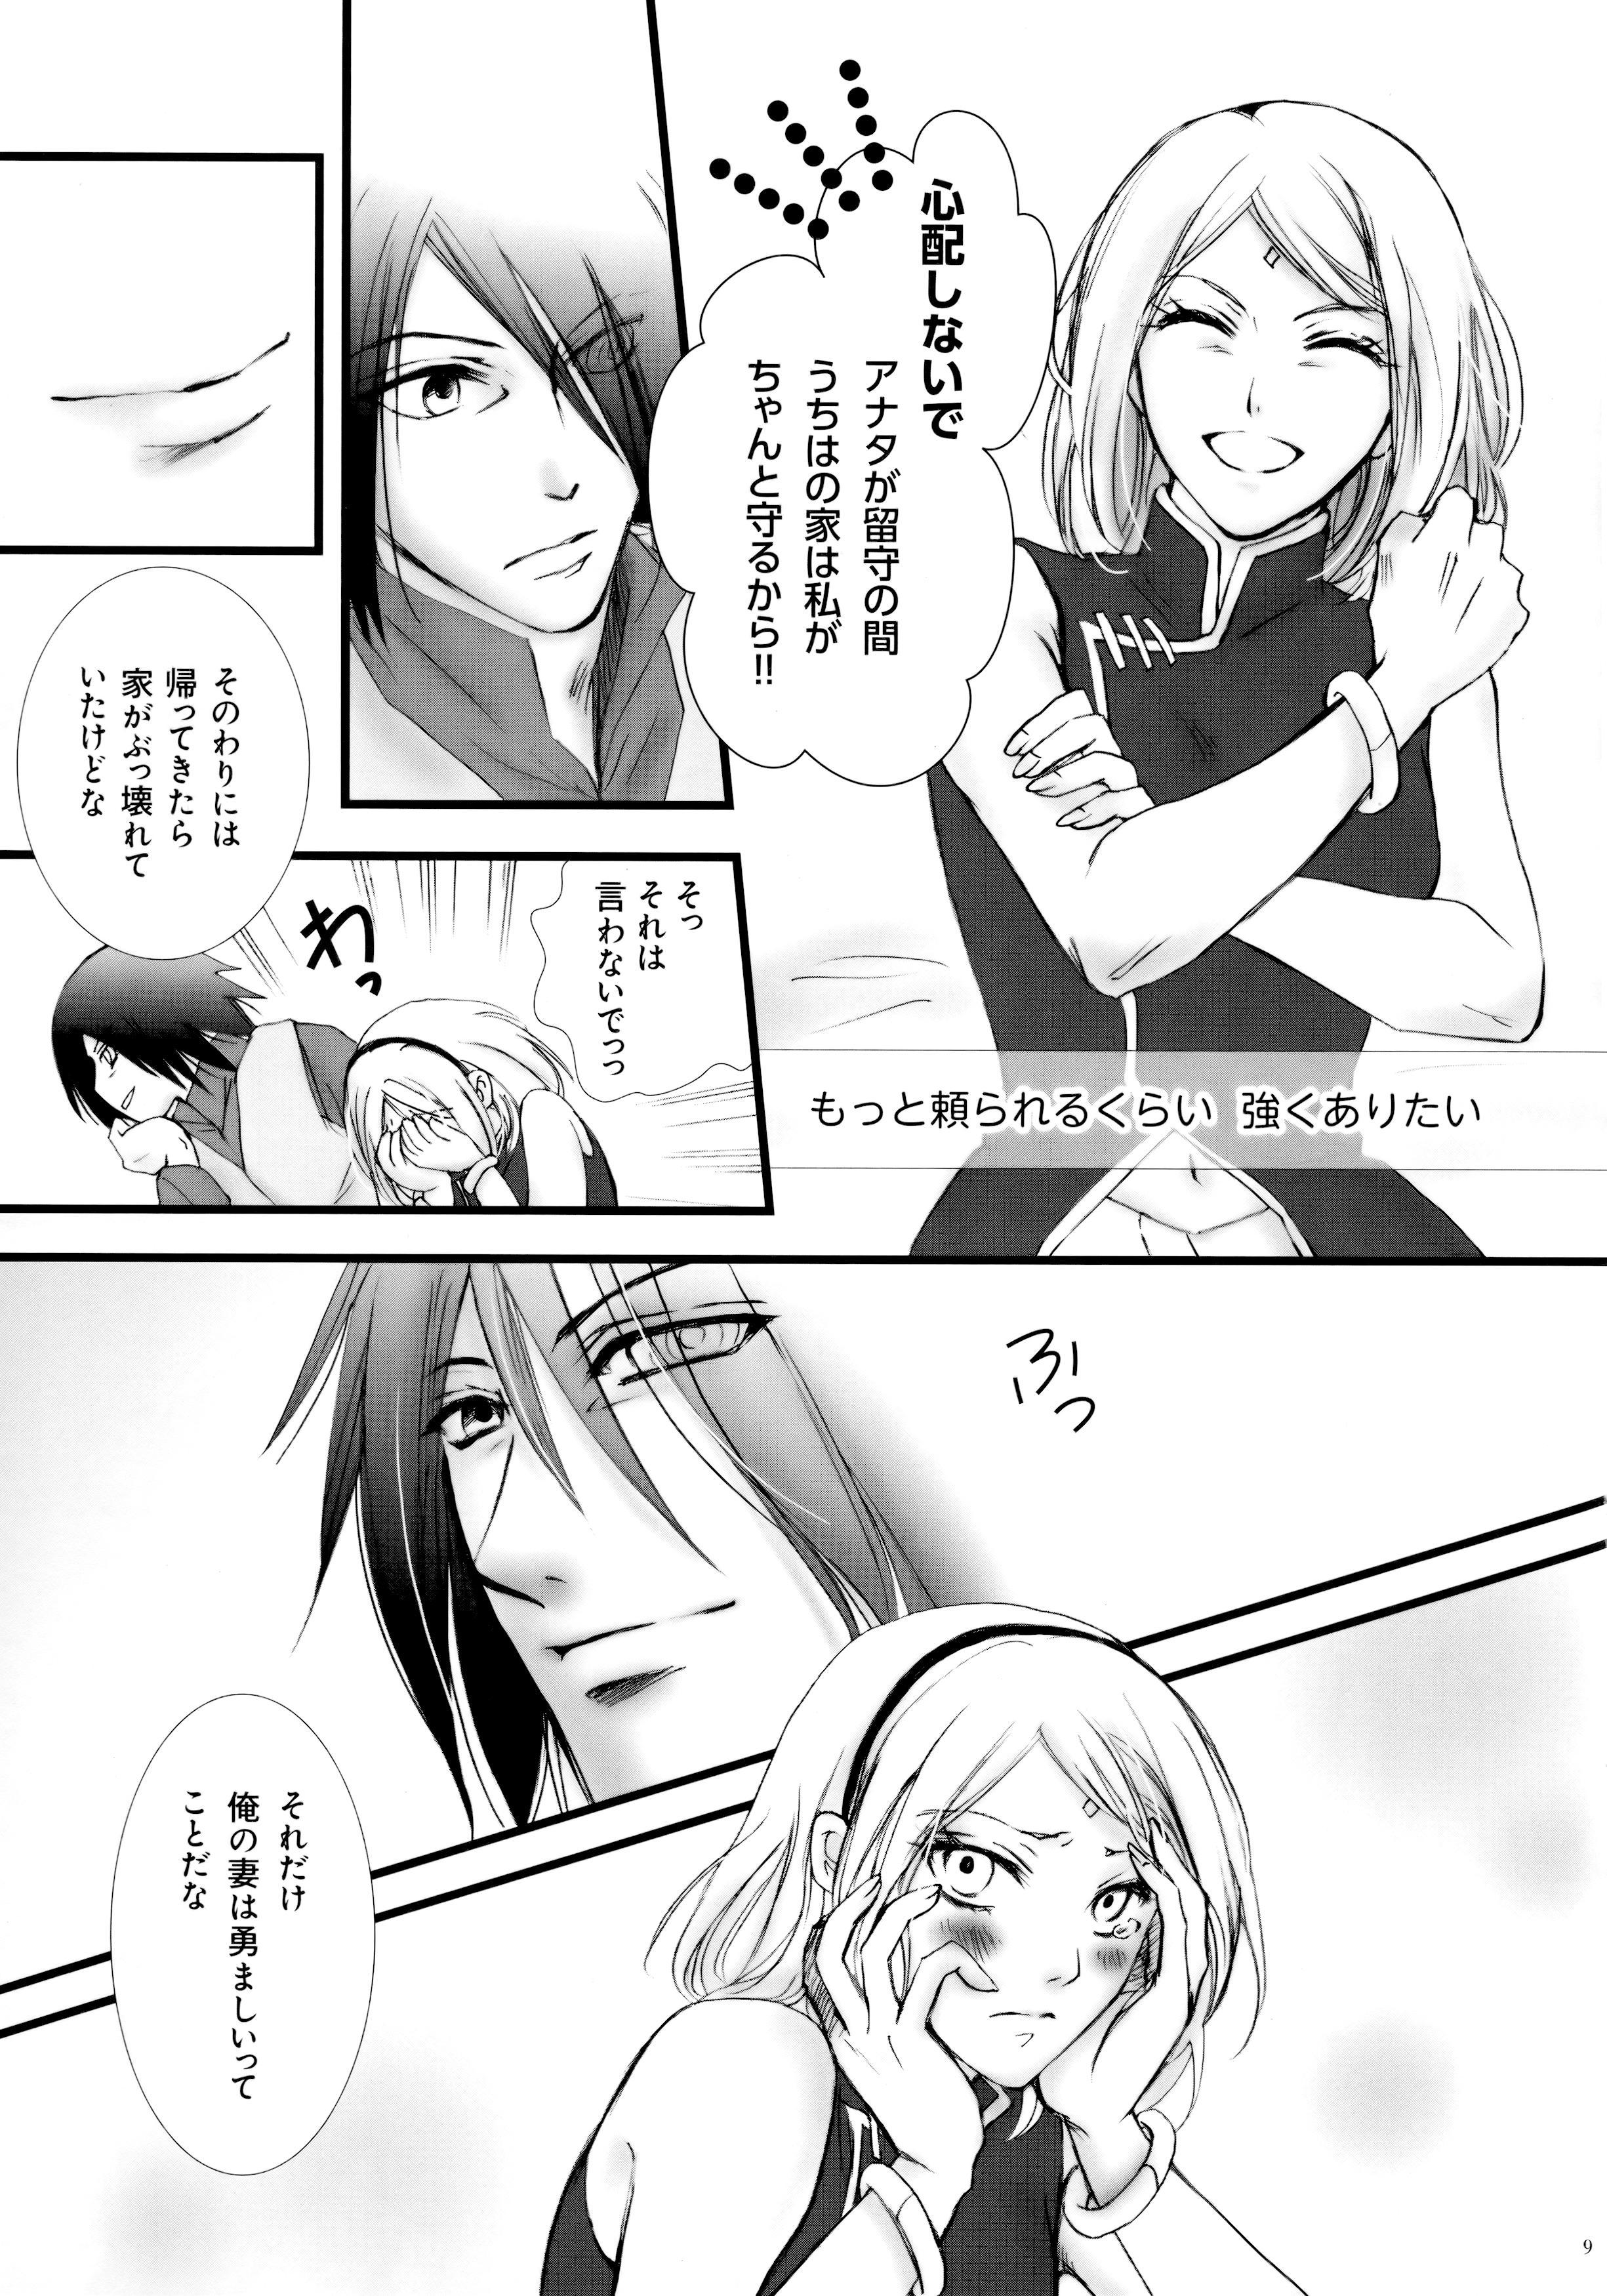 Himitsu no Jikan 7